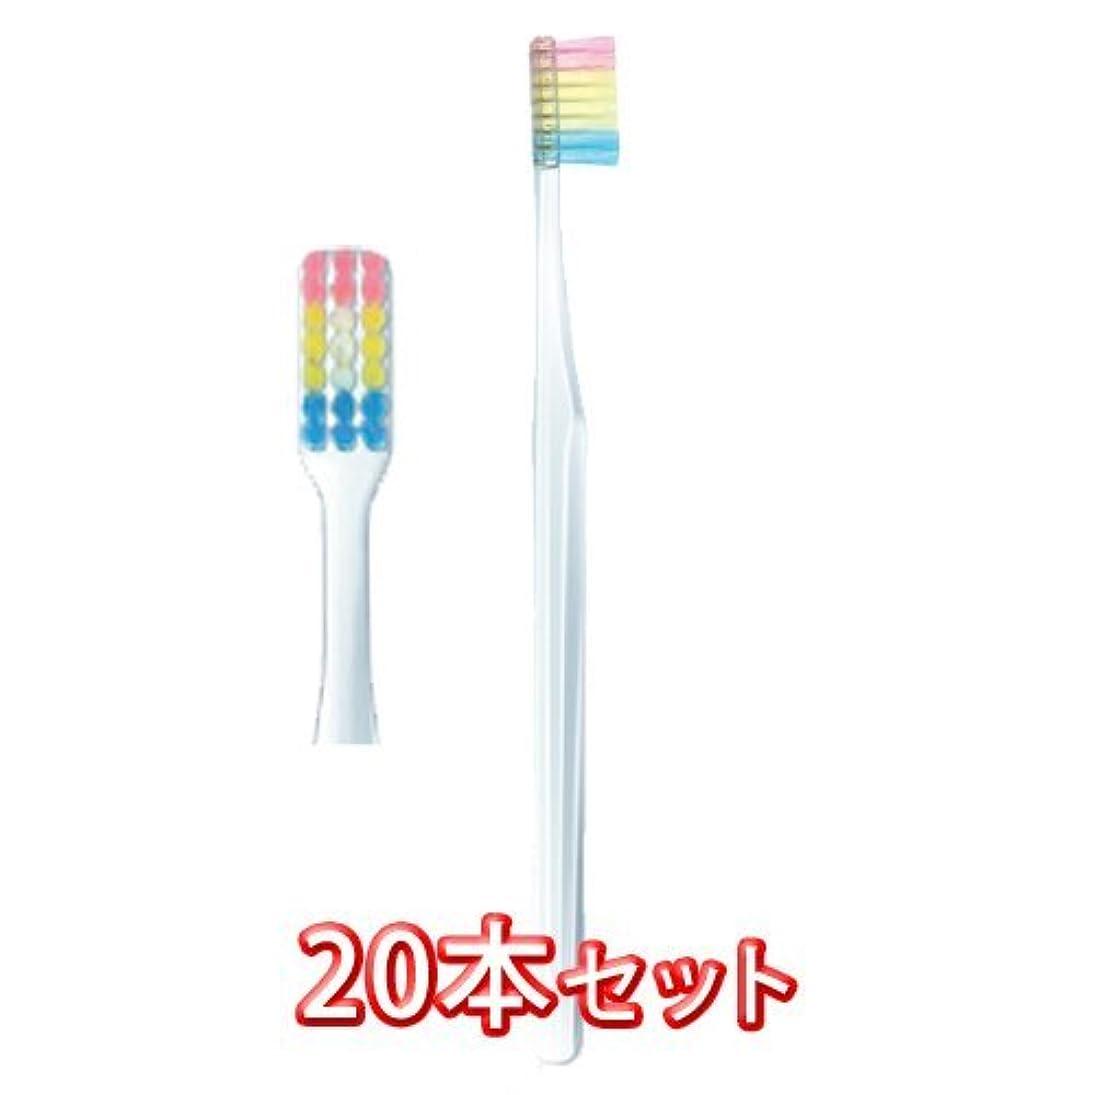 役に立たない脱臼するホラープロスペック 歯ブラシ ヤング 20本入 フォーレッスン 毛の硬さふつう